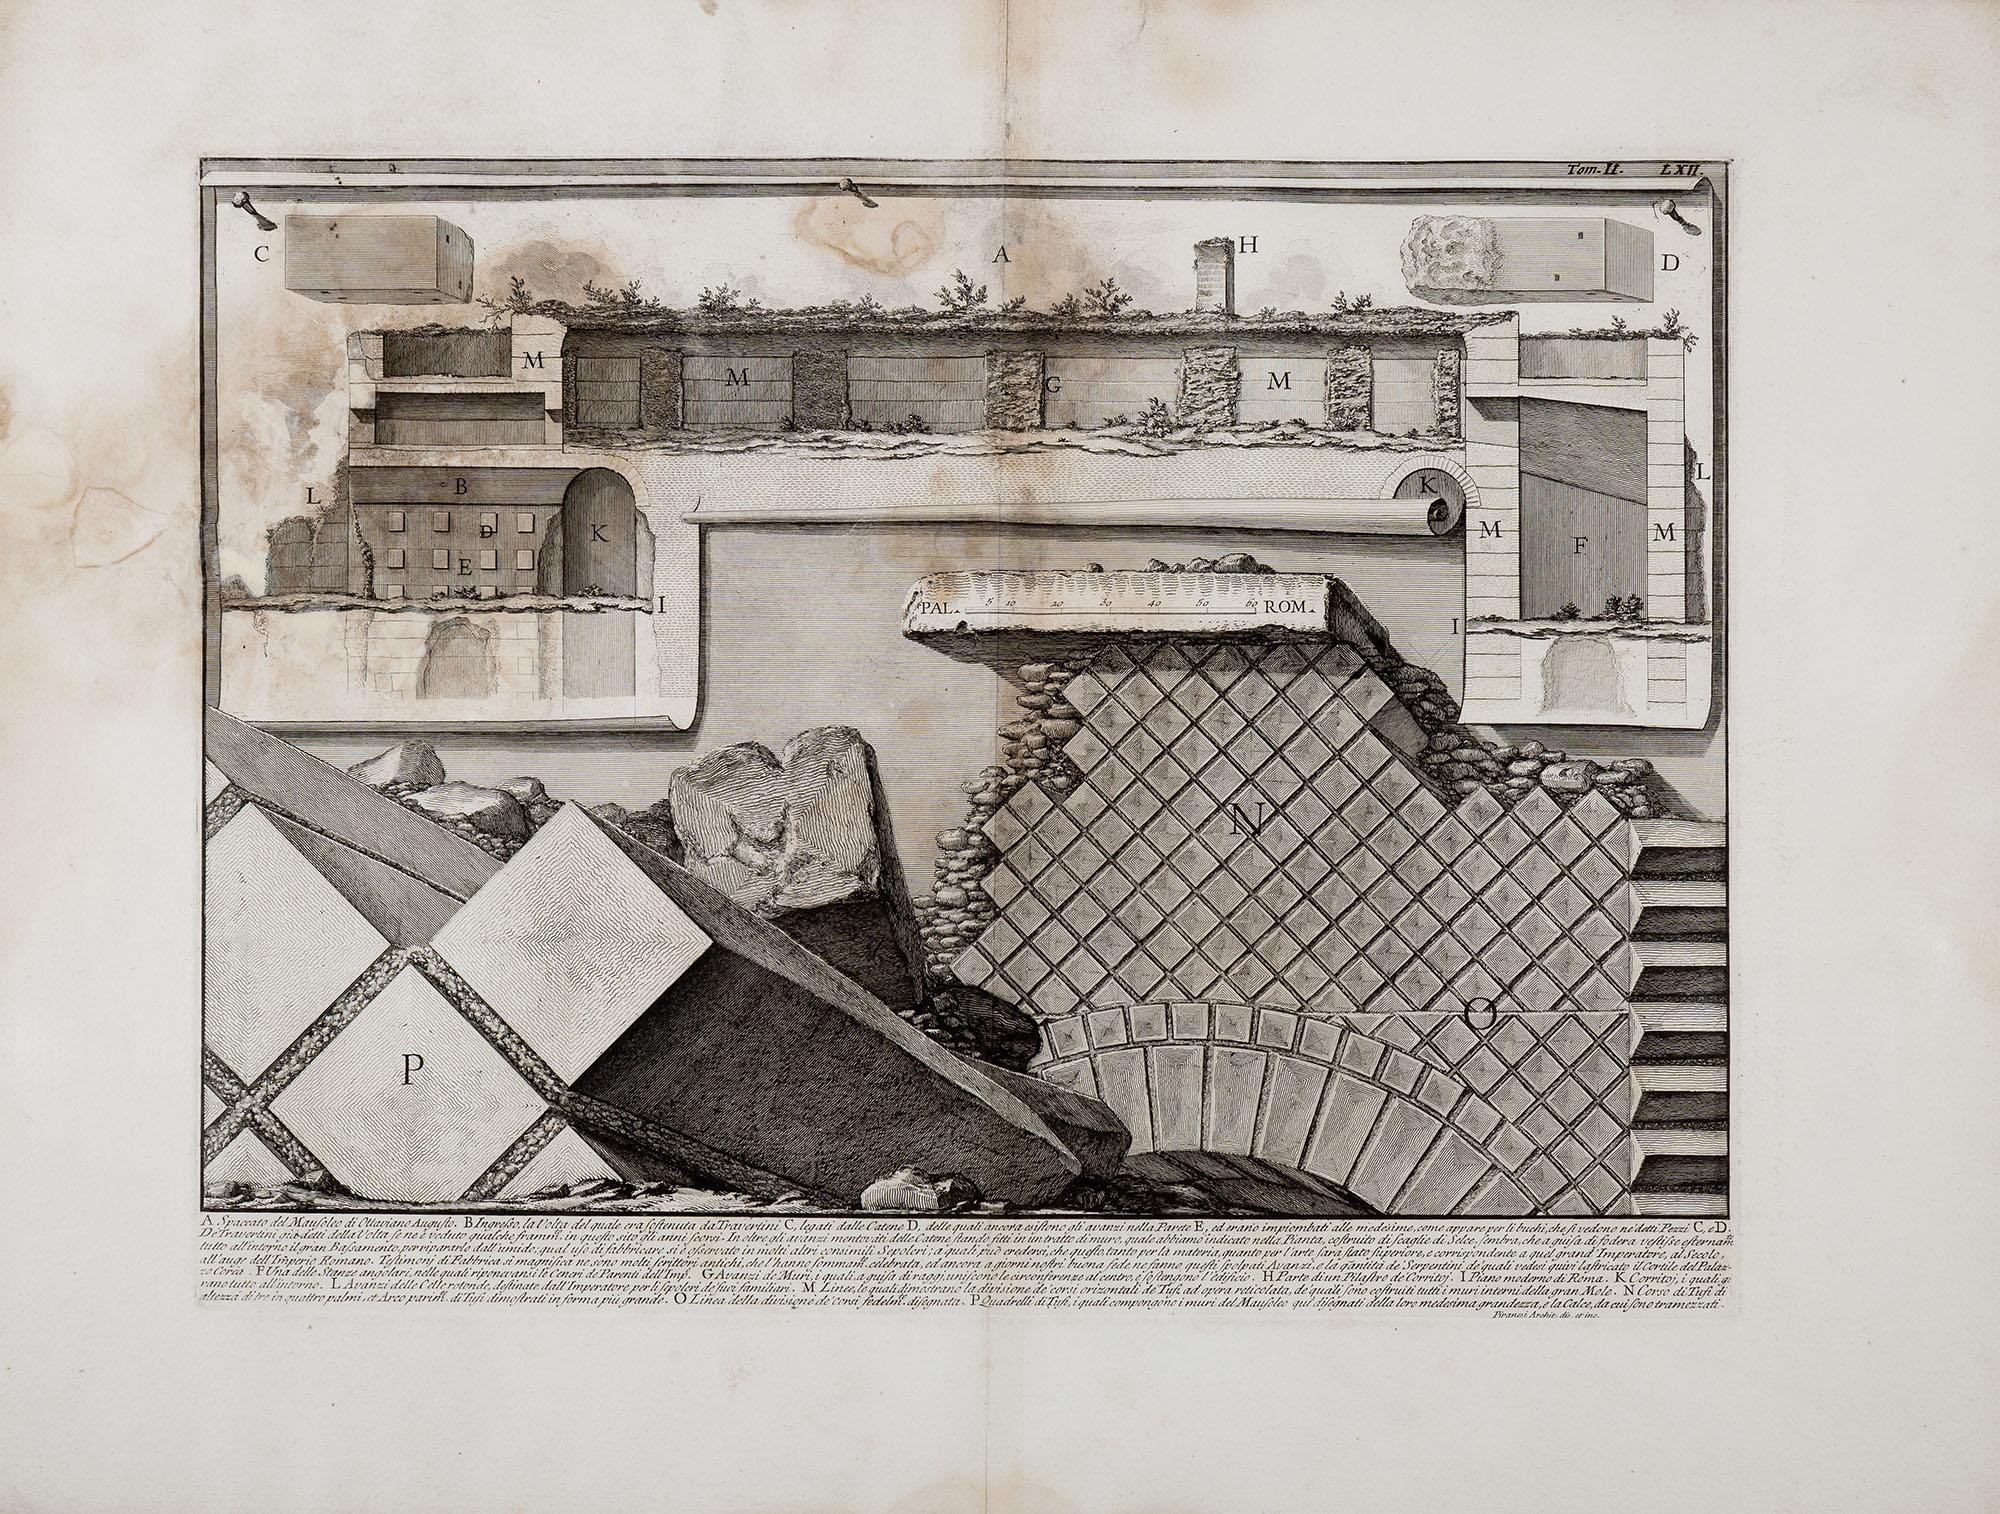 12. Spaccato del Mausoleo di Ottaviano Augusto